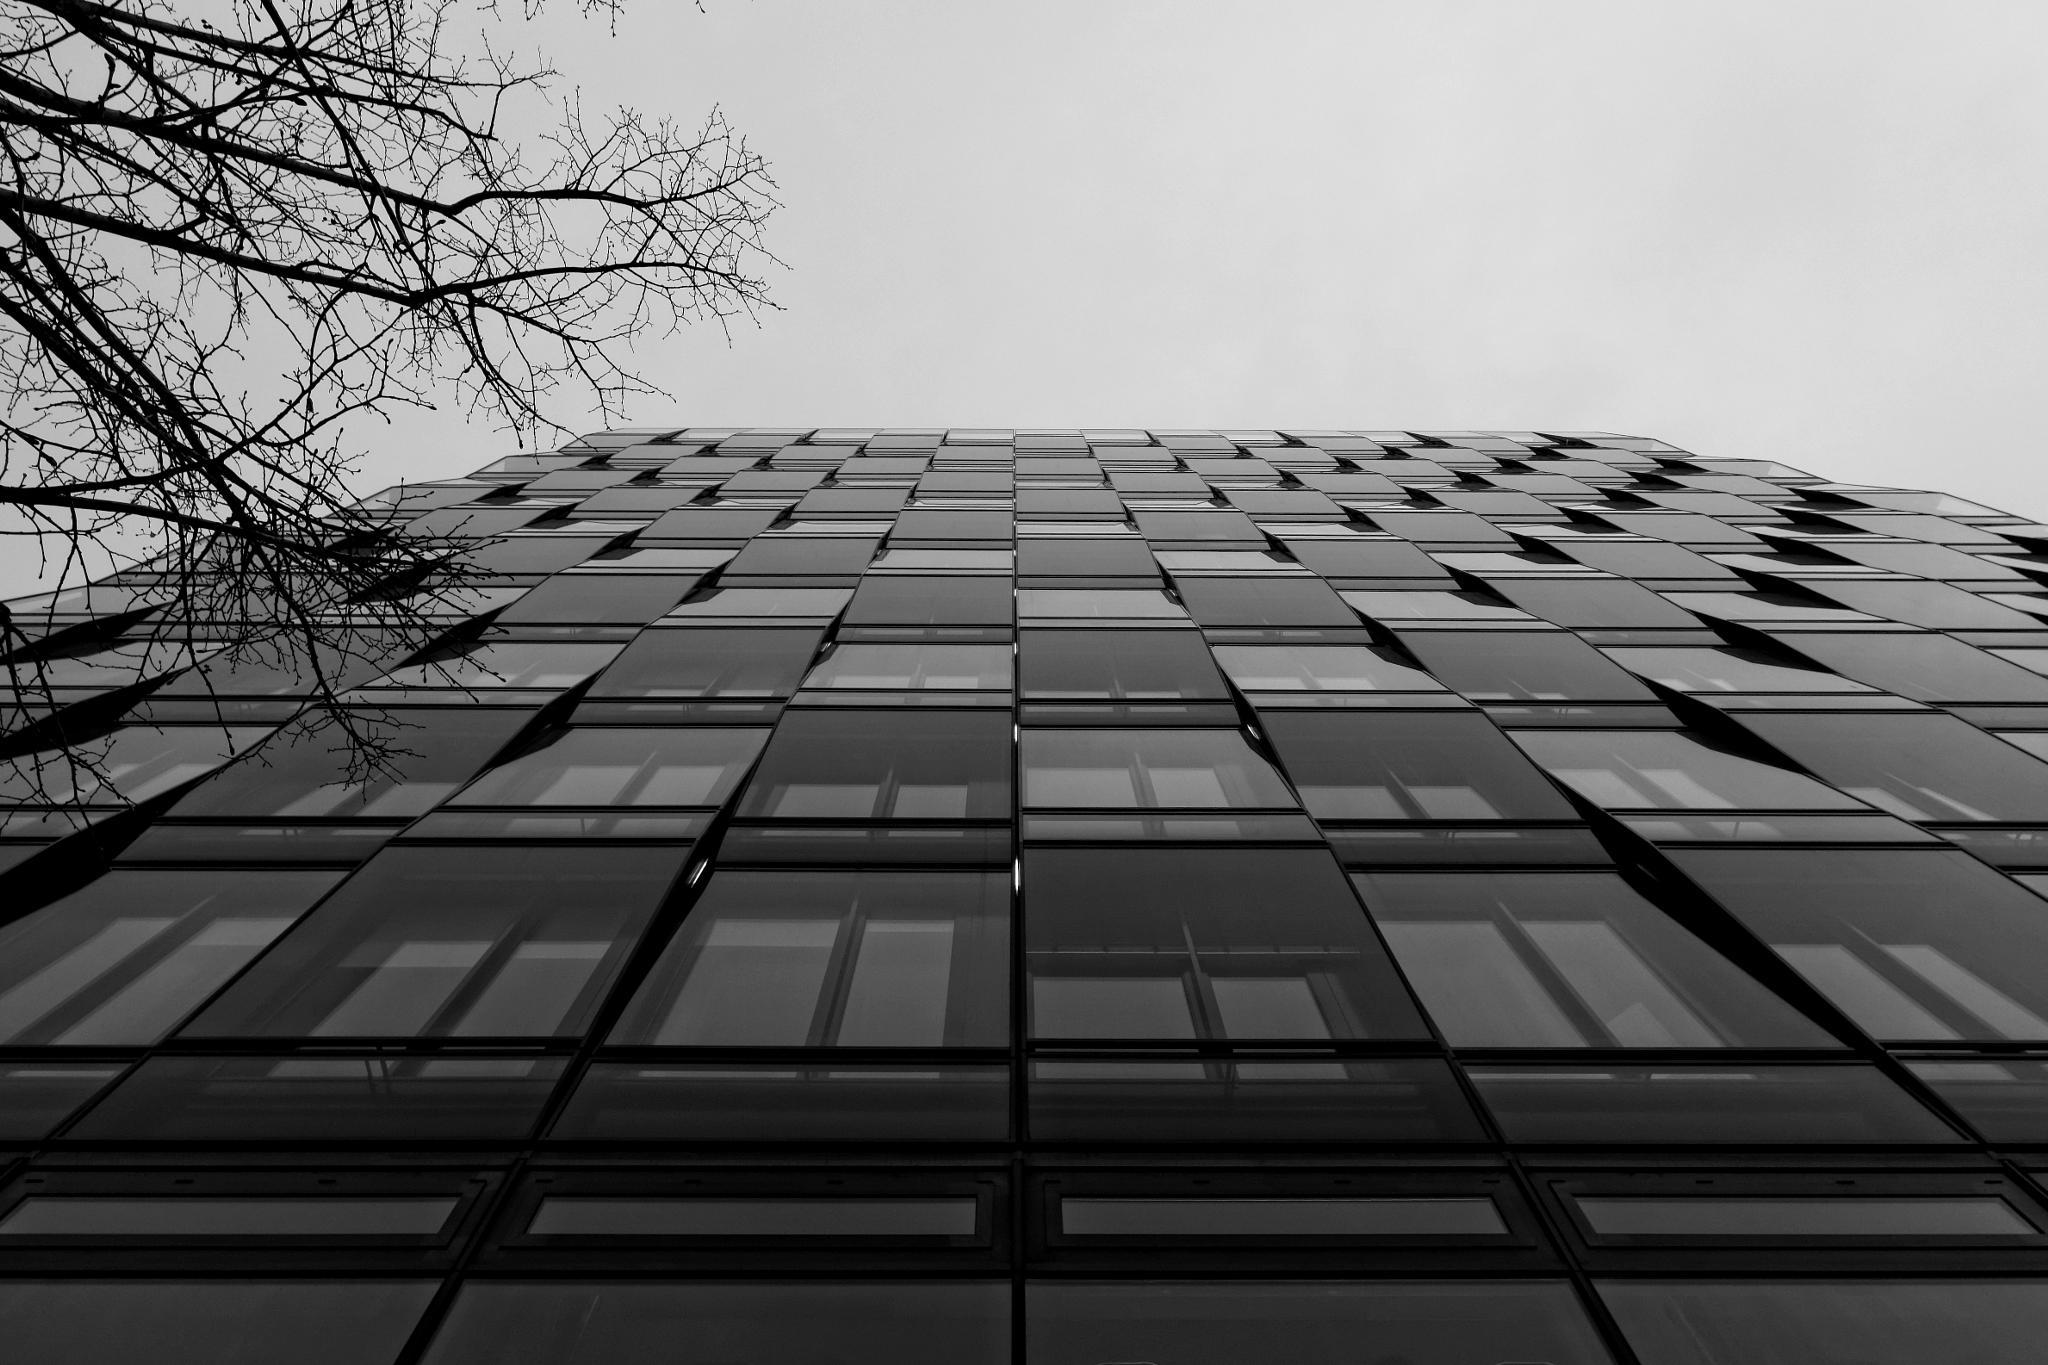 Fassade by JeckstadtPhotography